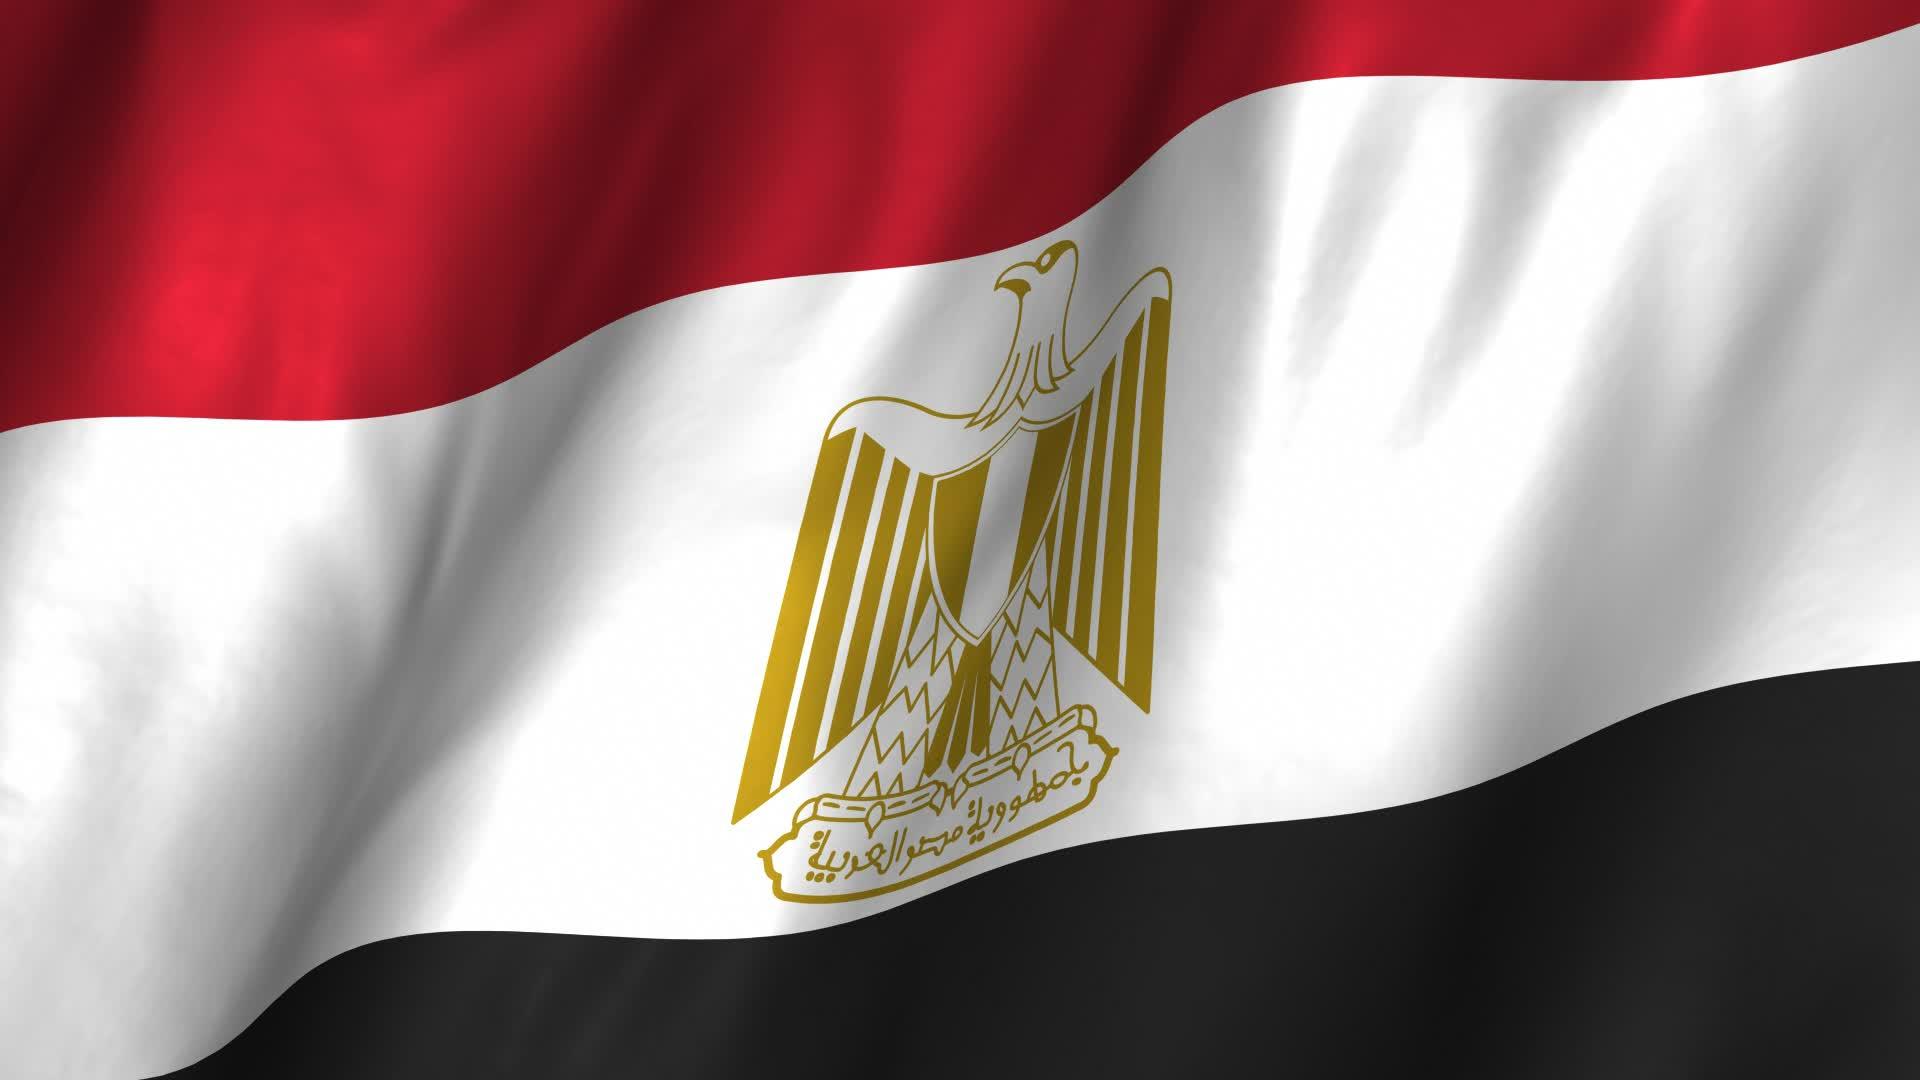 صوره صور علم مصر , انظر لاعلي و افتخر بعلم بلادك